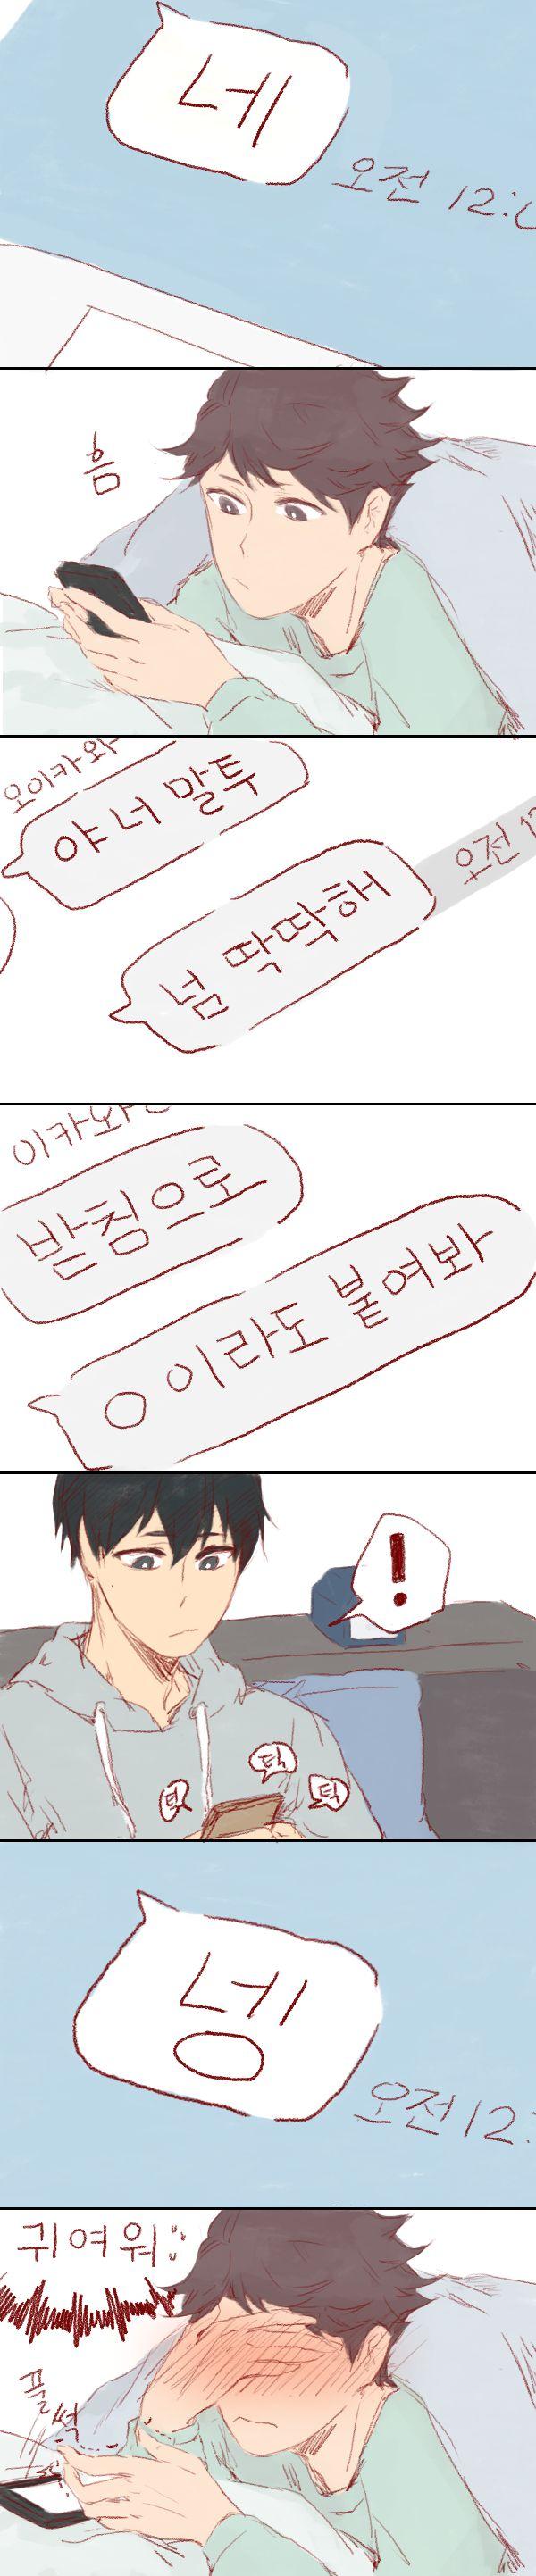 [카게오이] 연하, 애교, 성공적